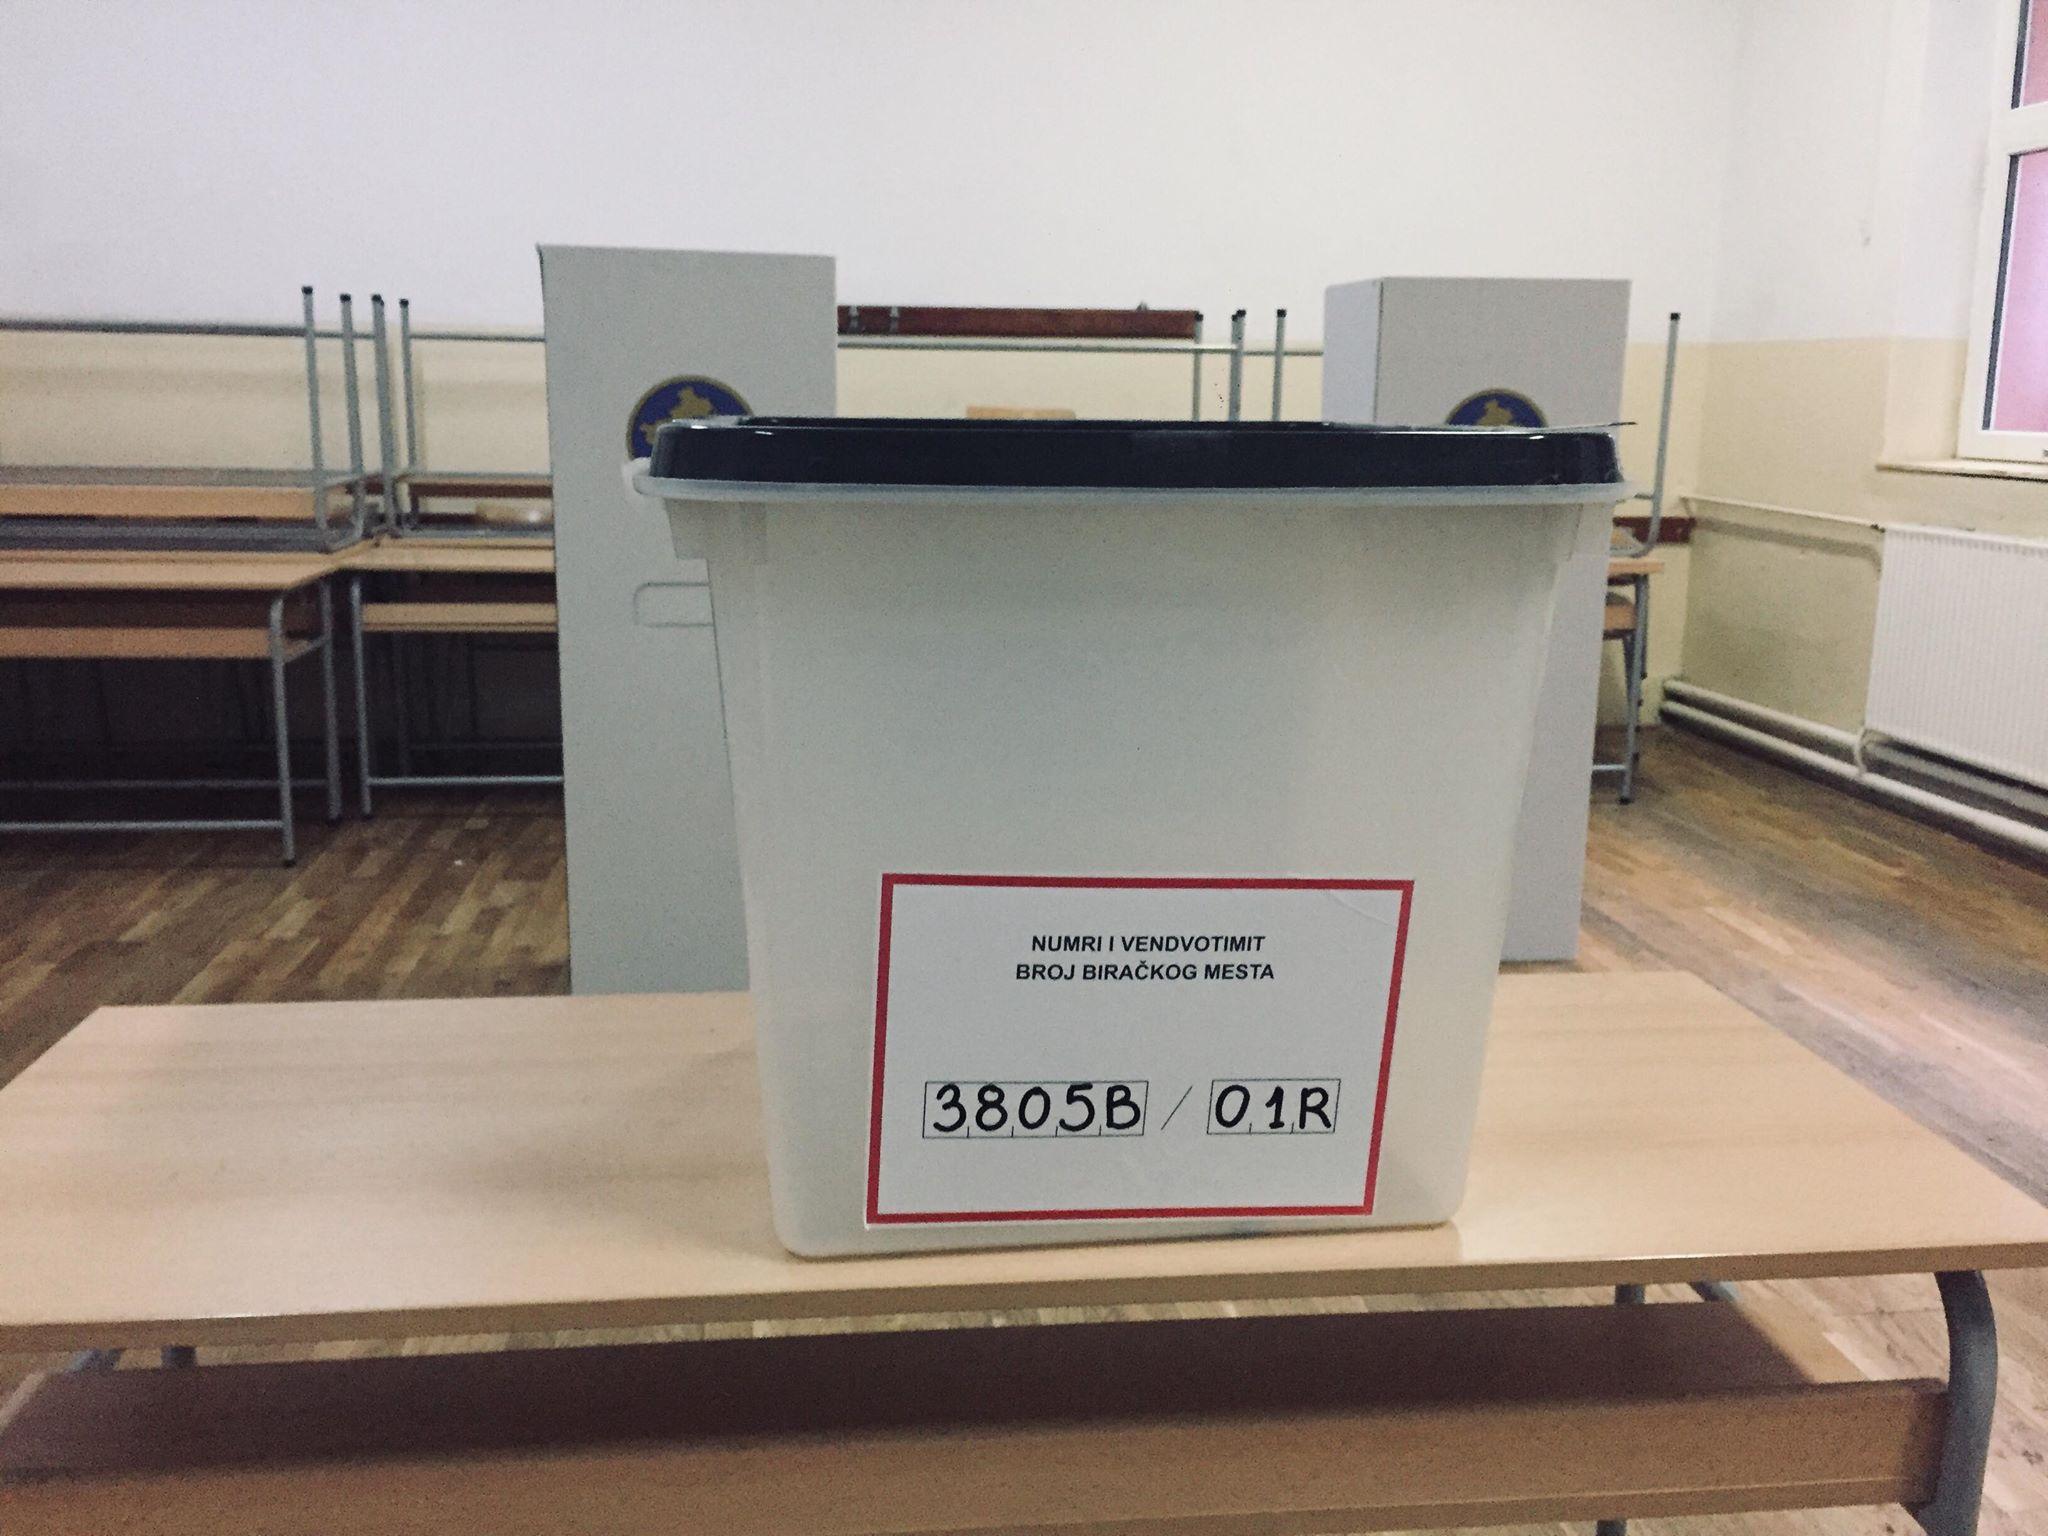 optuznice-zbog-glasanja-u-ime-druge-osobe